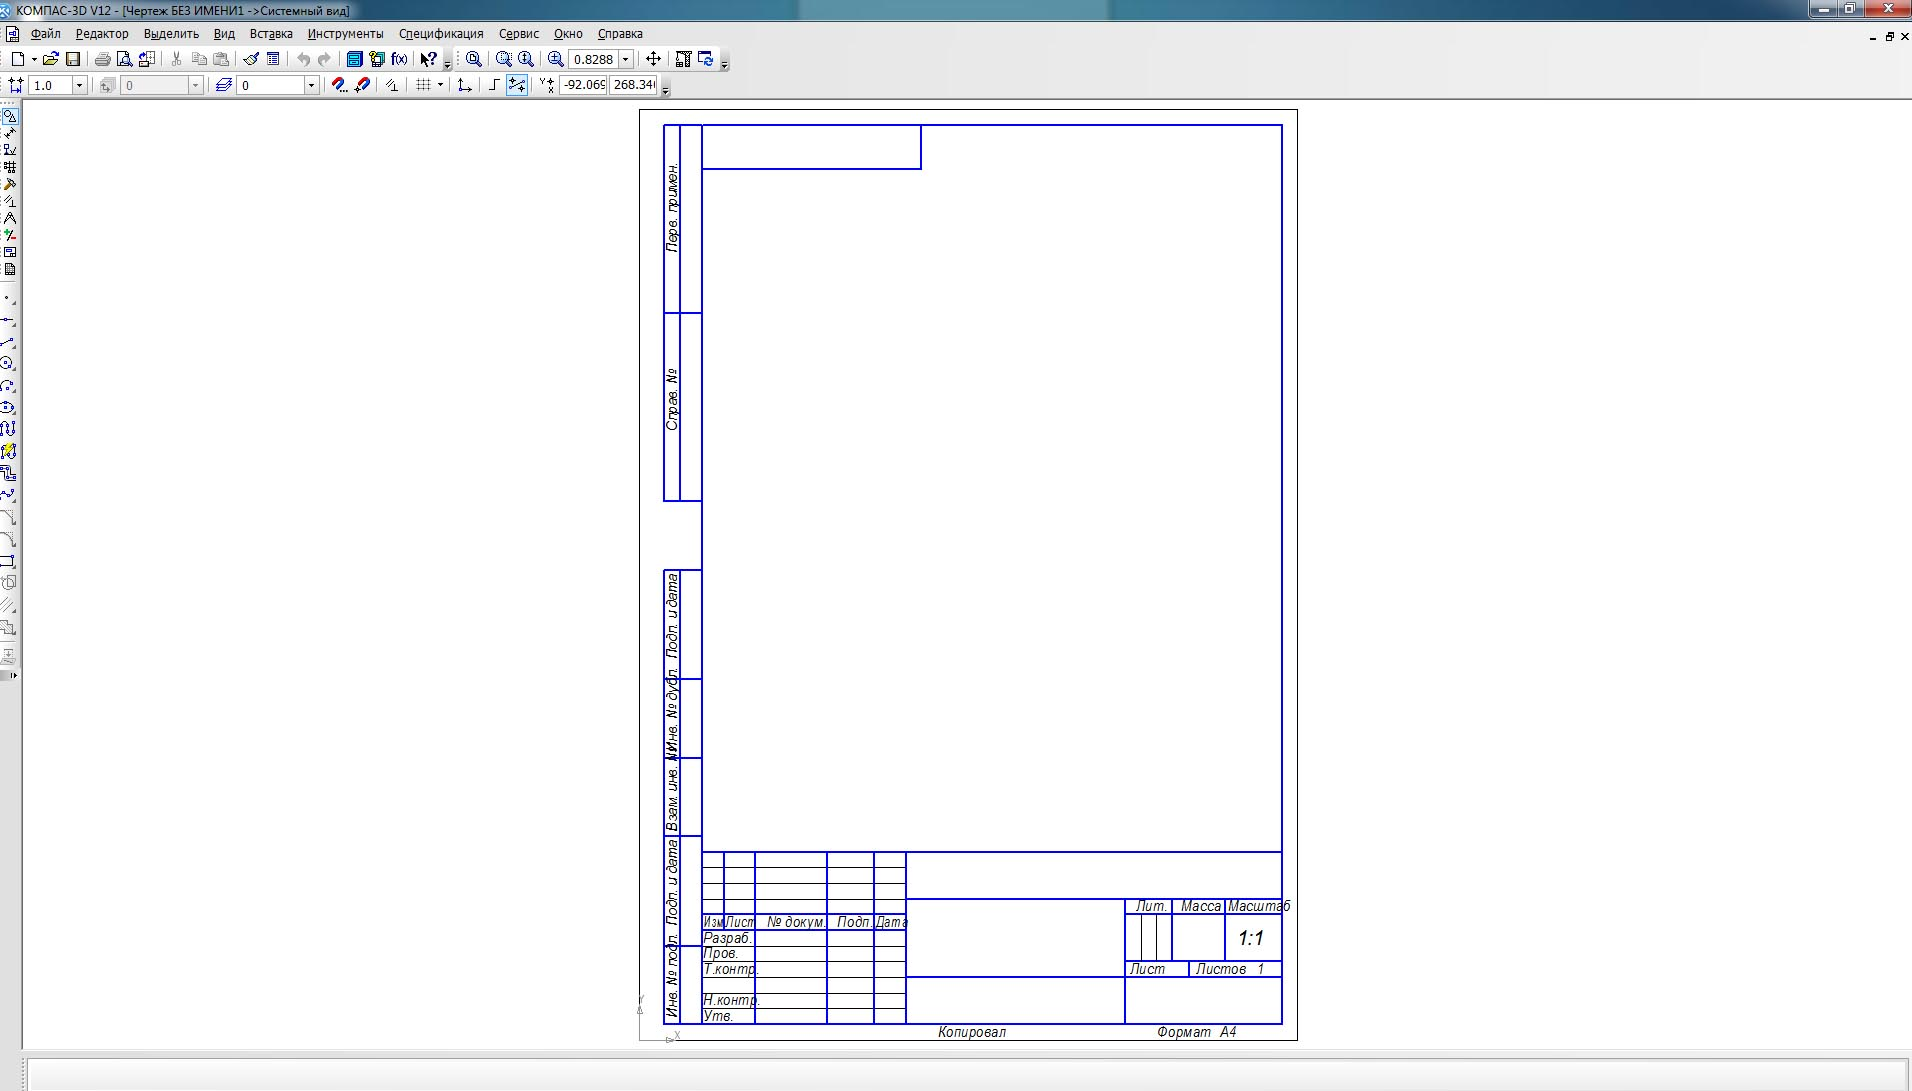 Как сохранить чертеж из Компаса в формат наиболее удобный для печати? Как конвертировать чертежи в PDF или Jpeg?